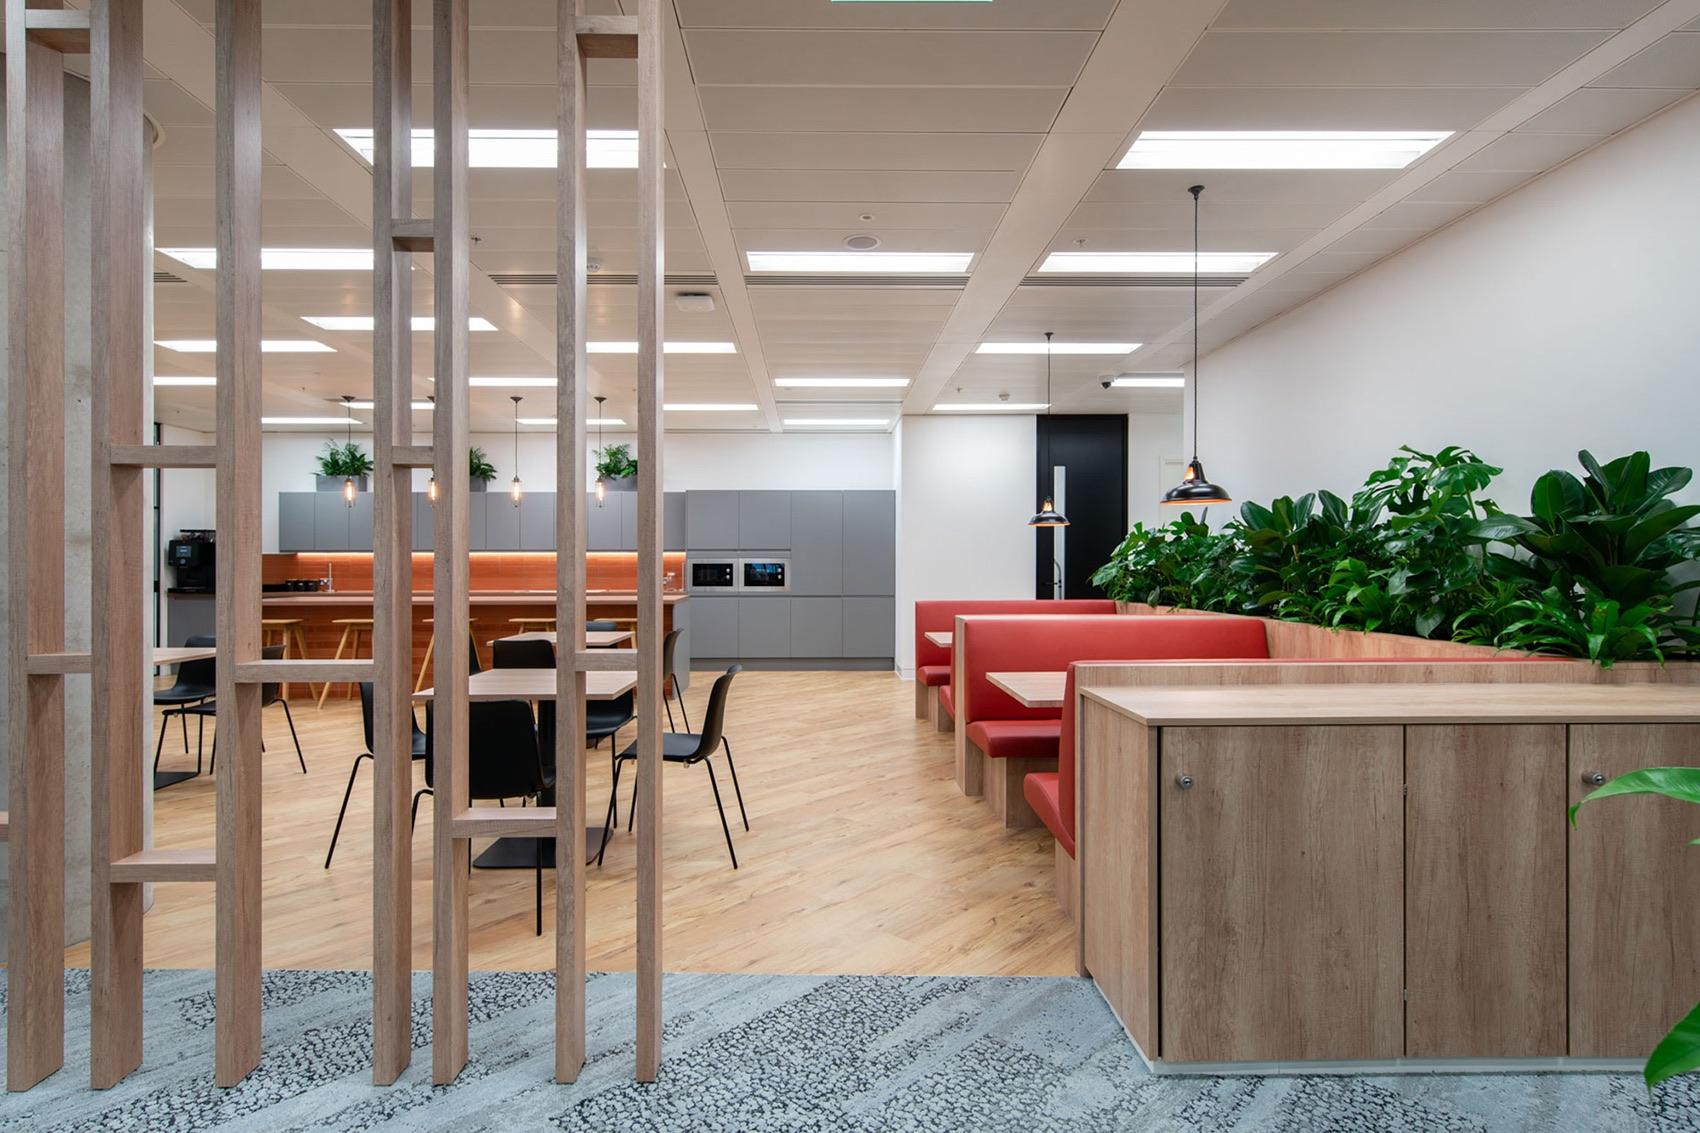 A Look Inside AustralianSuper's New London Office